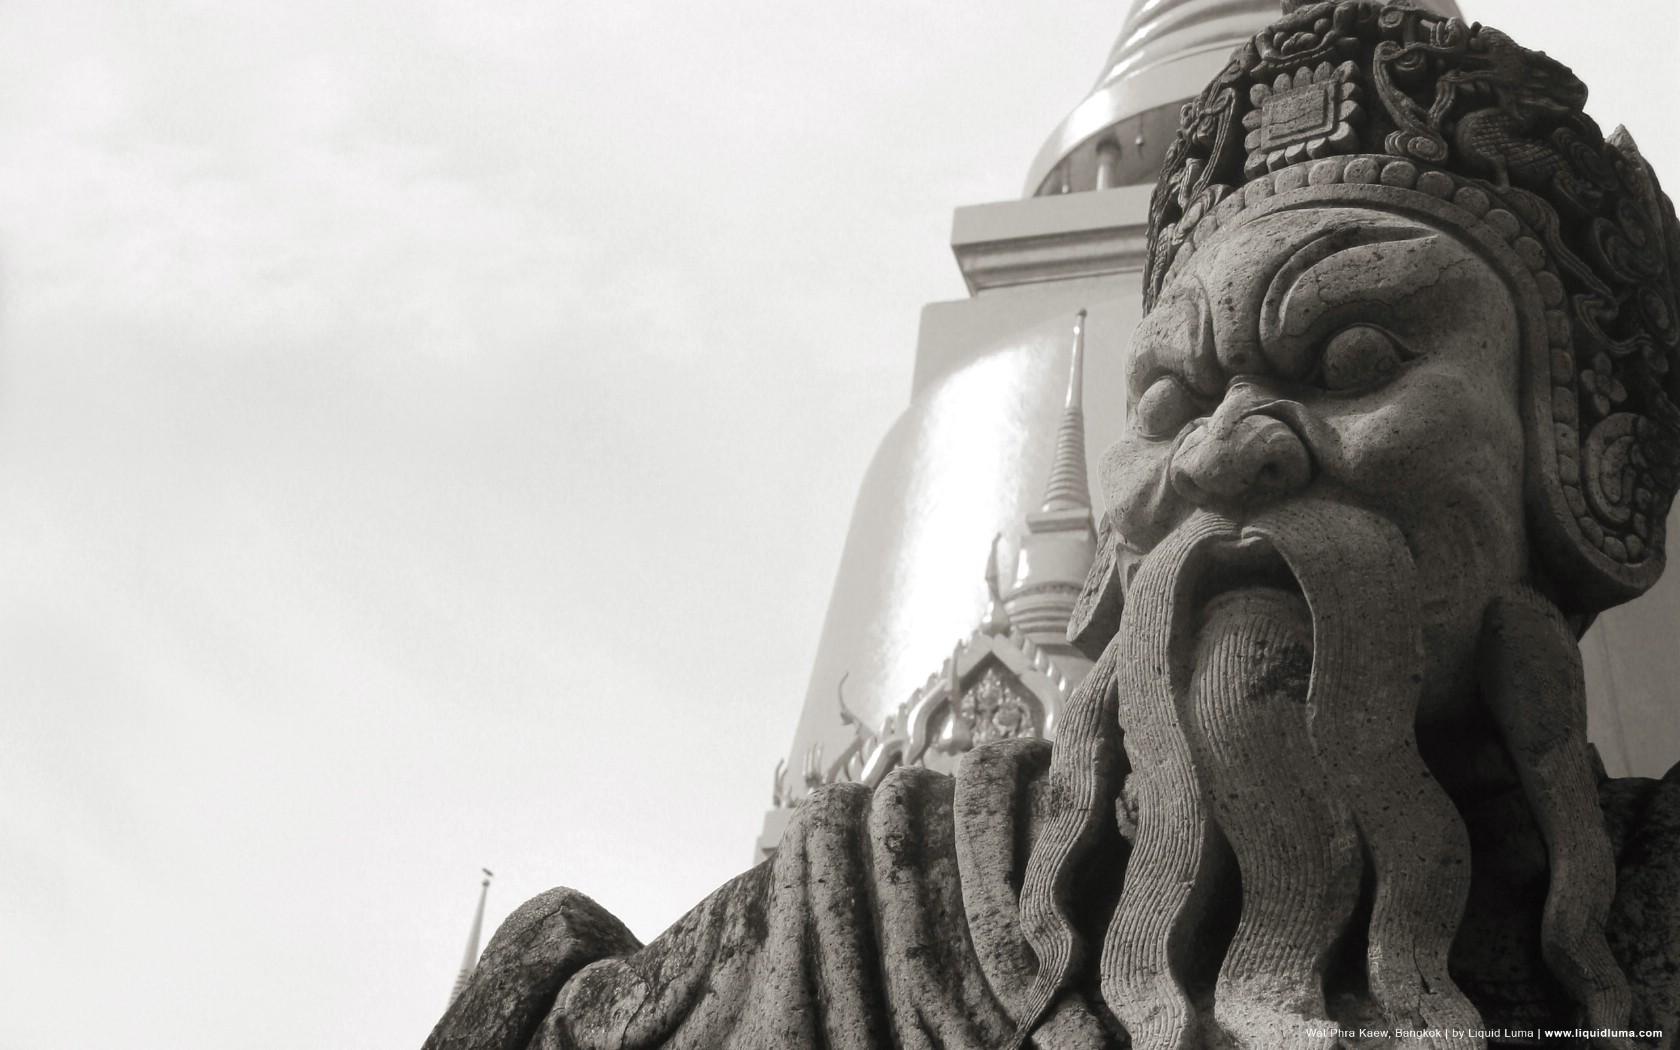 壁纸1680×1050纯粹的光影美学 人文建筑黑白摄影壁纸 Wat Phra Kaew Bangkok 曼谷玉佛寺桌面壁纸壁纸 纯粹的光影美学人文建筑黑白摄影壁纸壁纸图片人文壁纸人文图片素材桌面壁纸